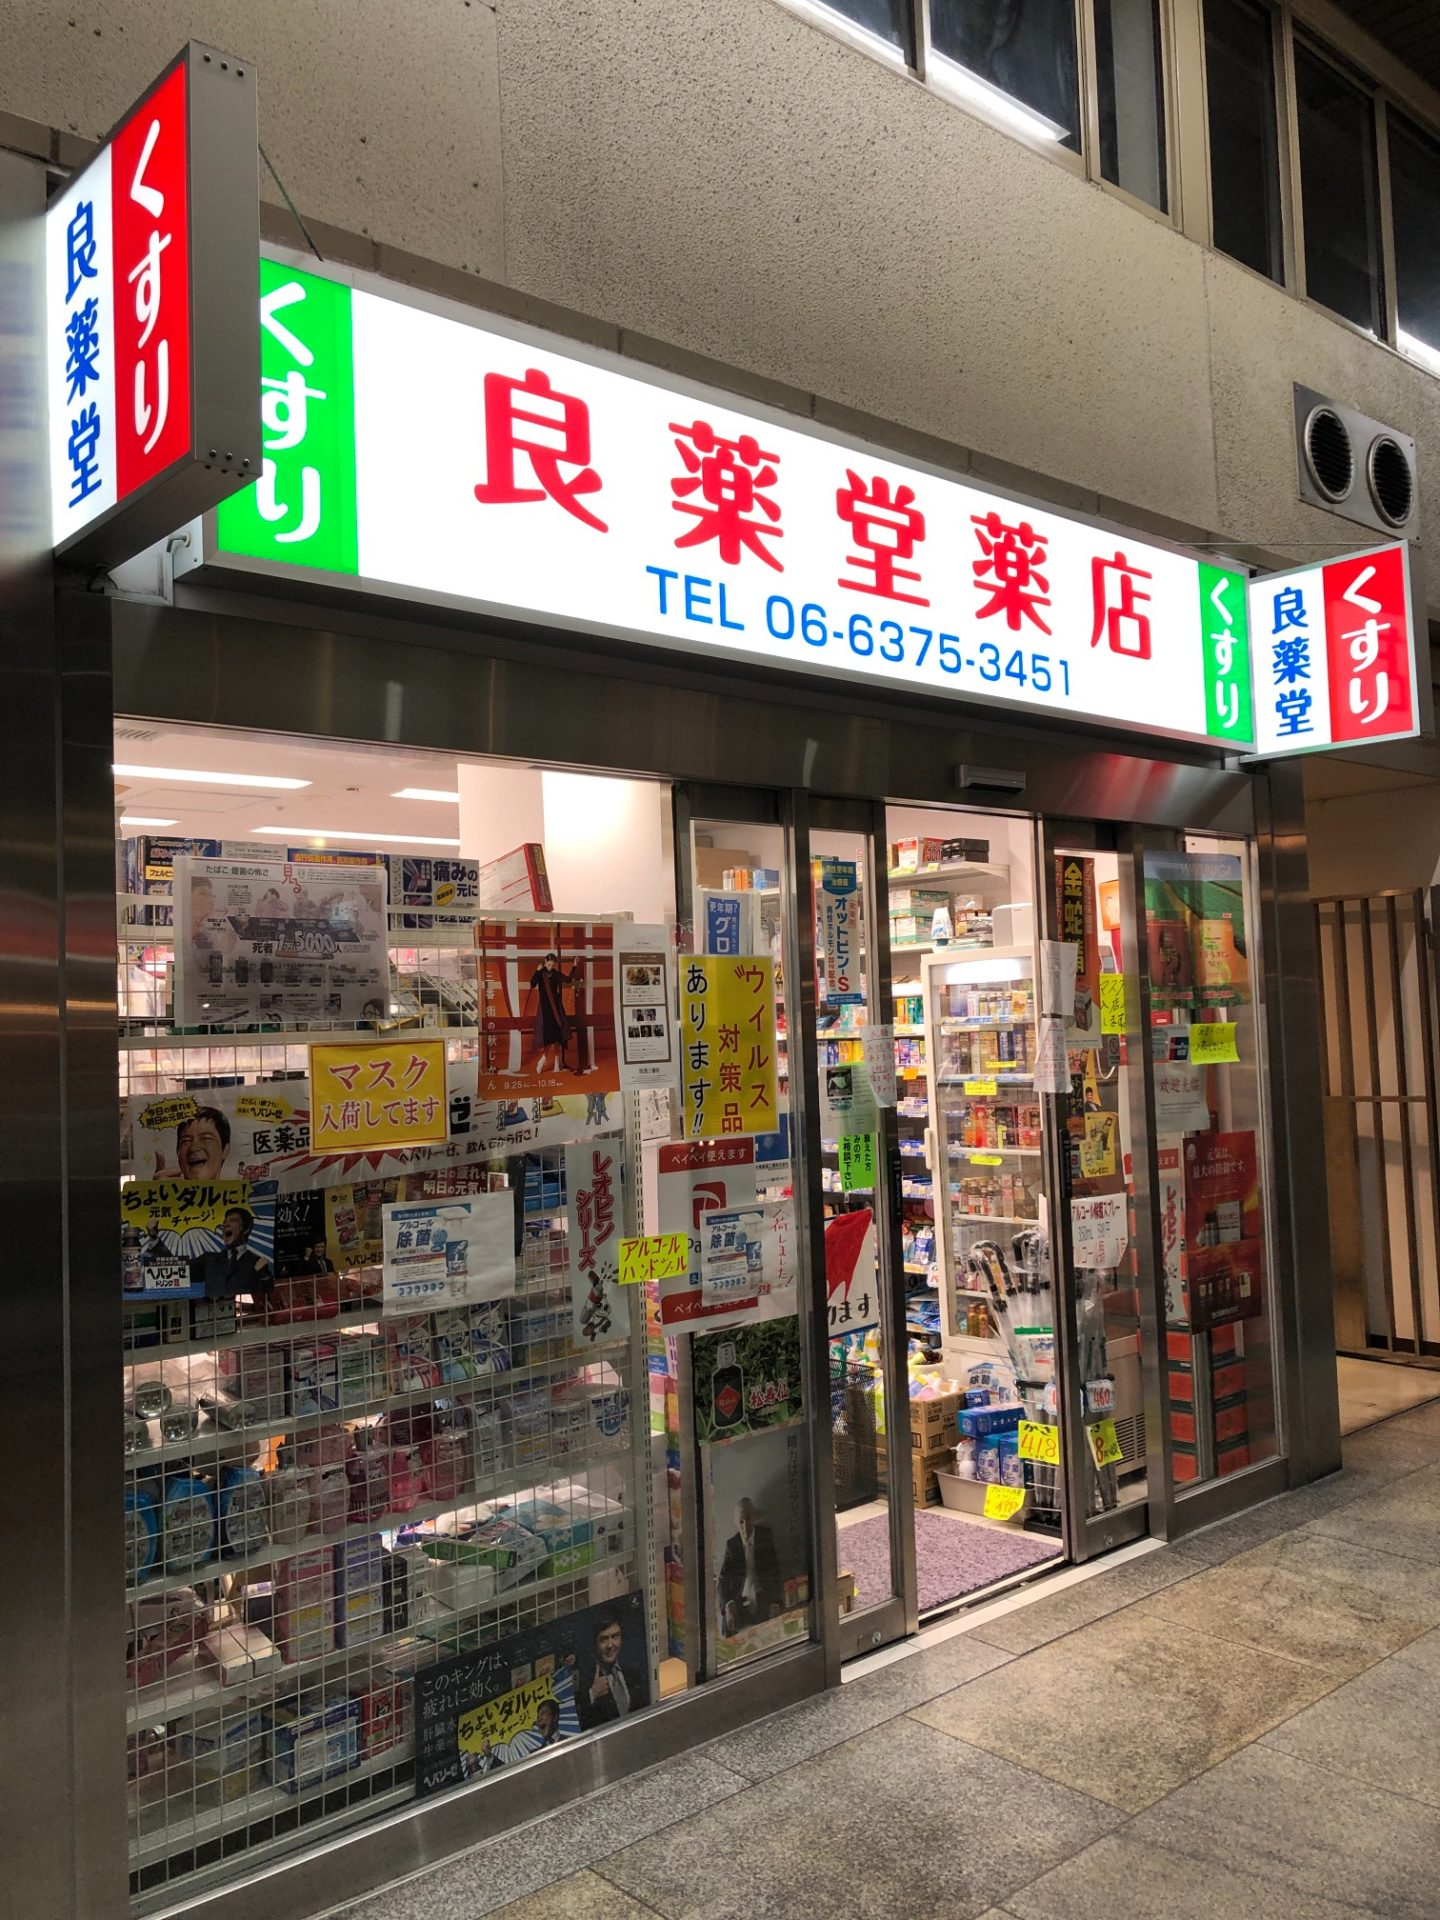 良薬堂薬店